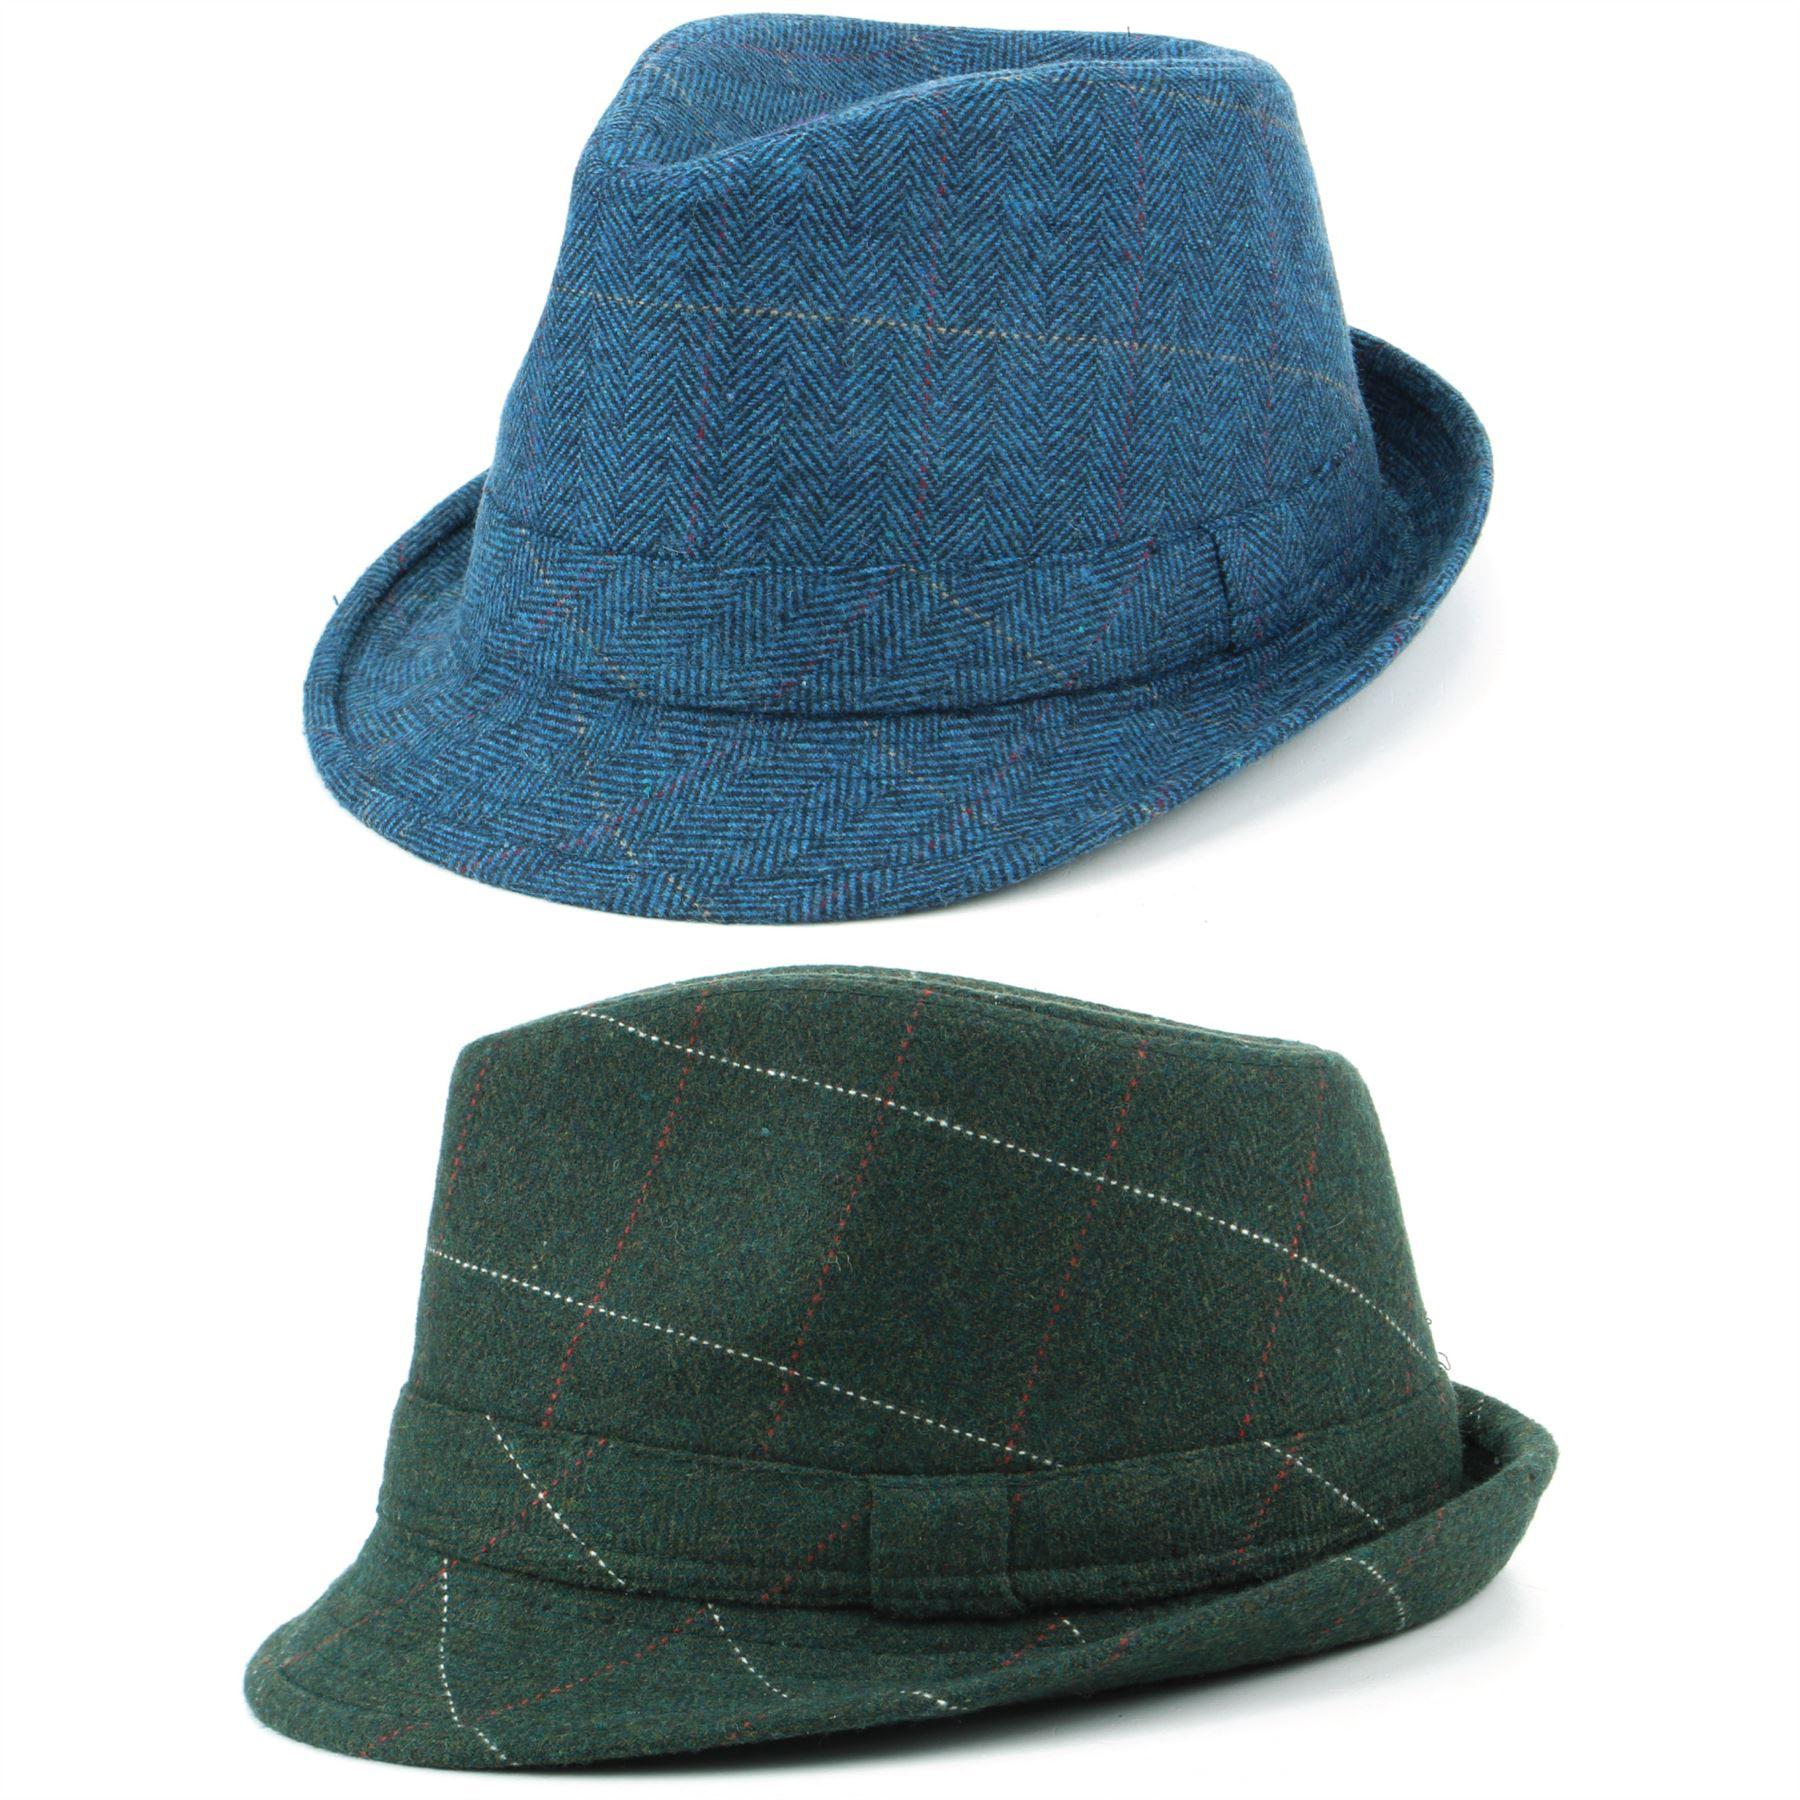 Details about Tweed Trilby Fedora Hat BLUE GREEN Wool Hawkins Fabric  Herringbone Men Ladies 779194b9fd8